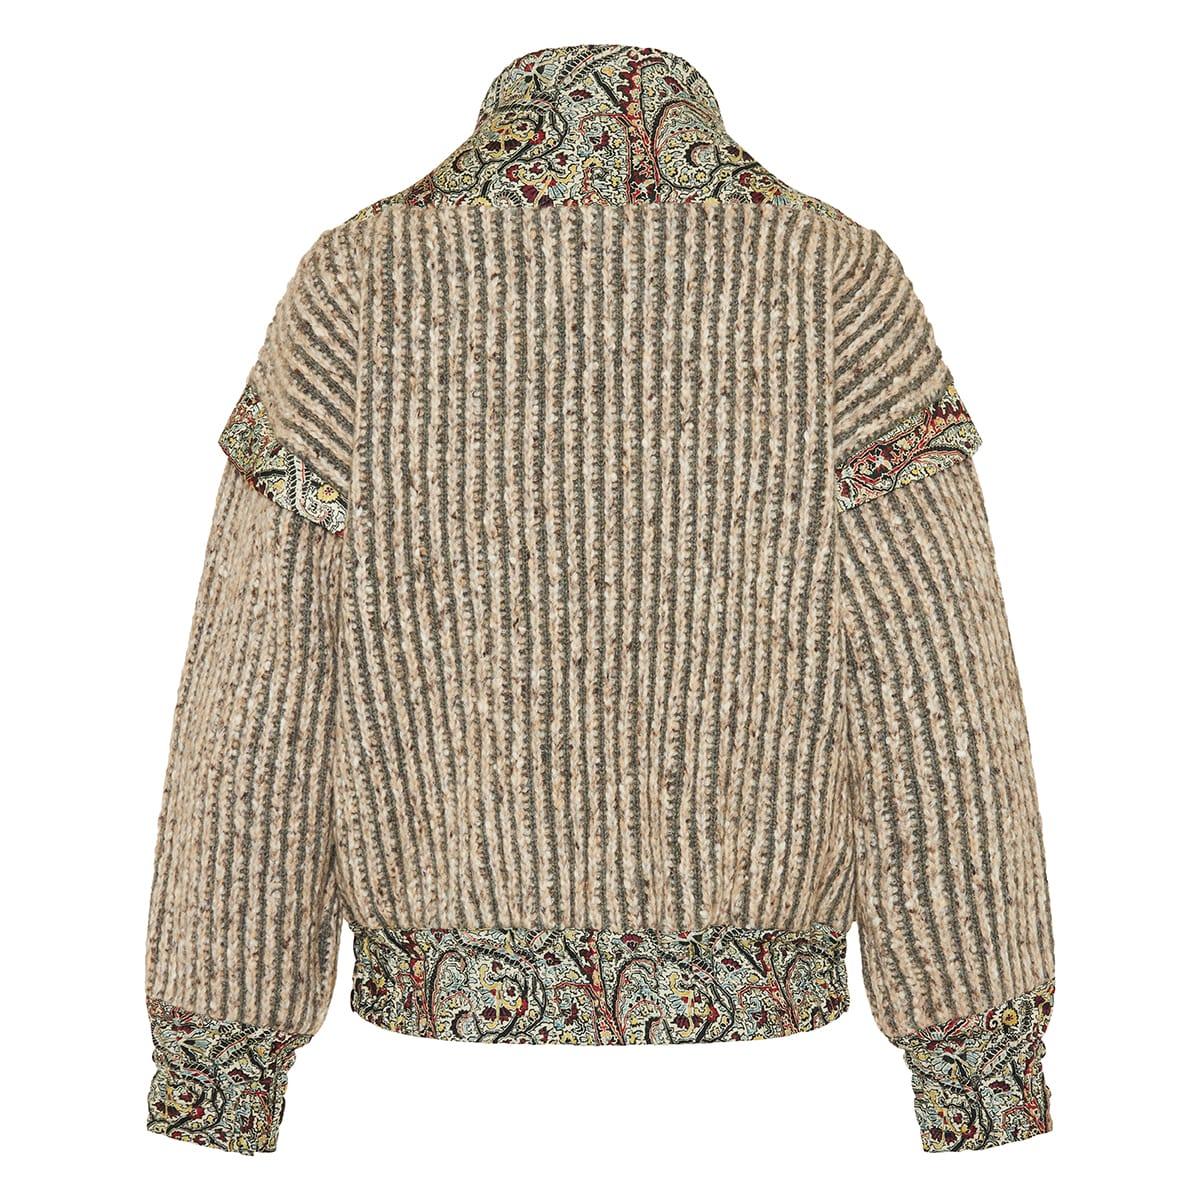 Paisley-paneled ribbed sweater